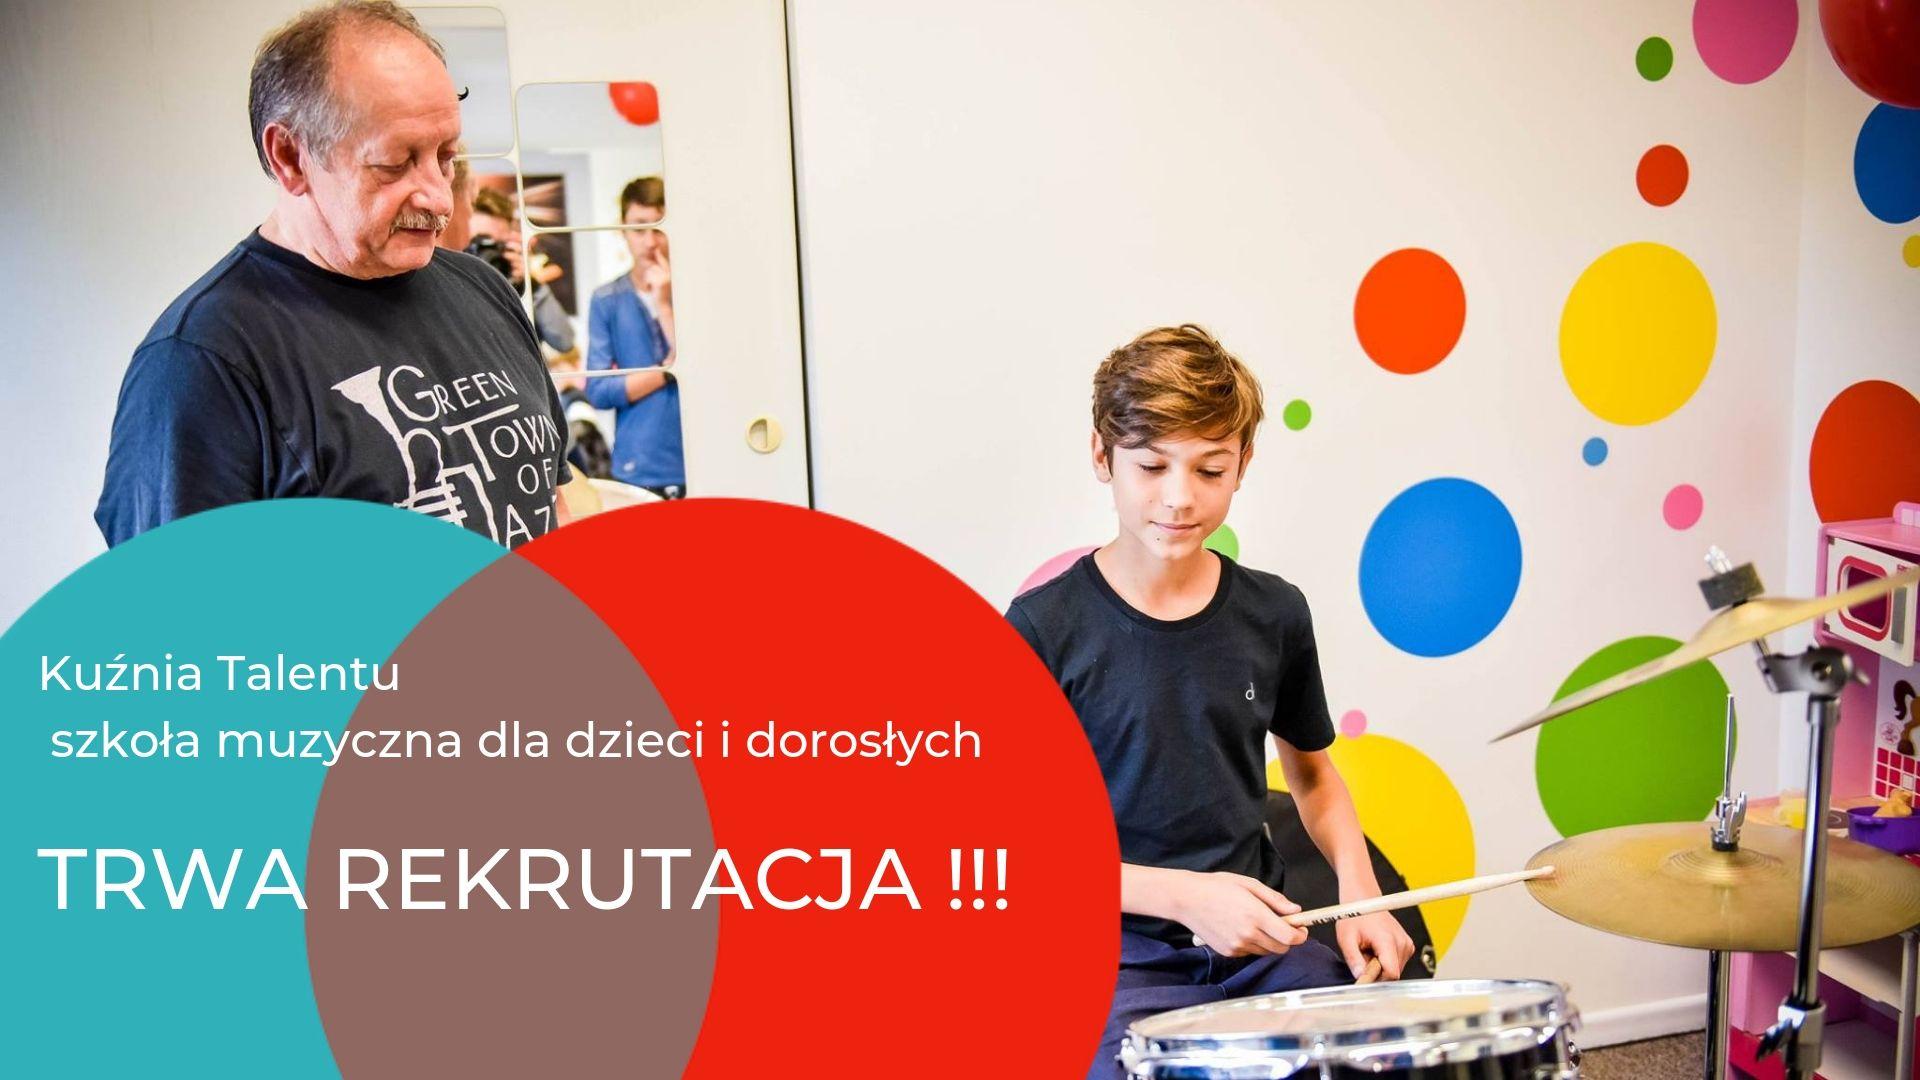 Rekrutacja do szkoły muzycznej Kuźnia Talentu rok szkolny 2019/20